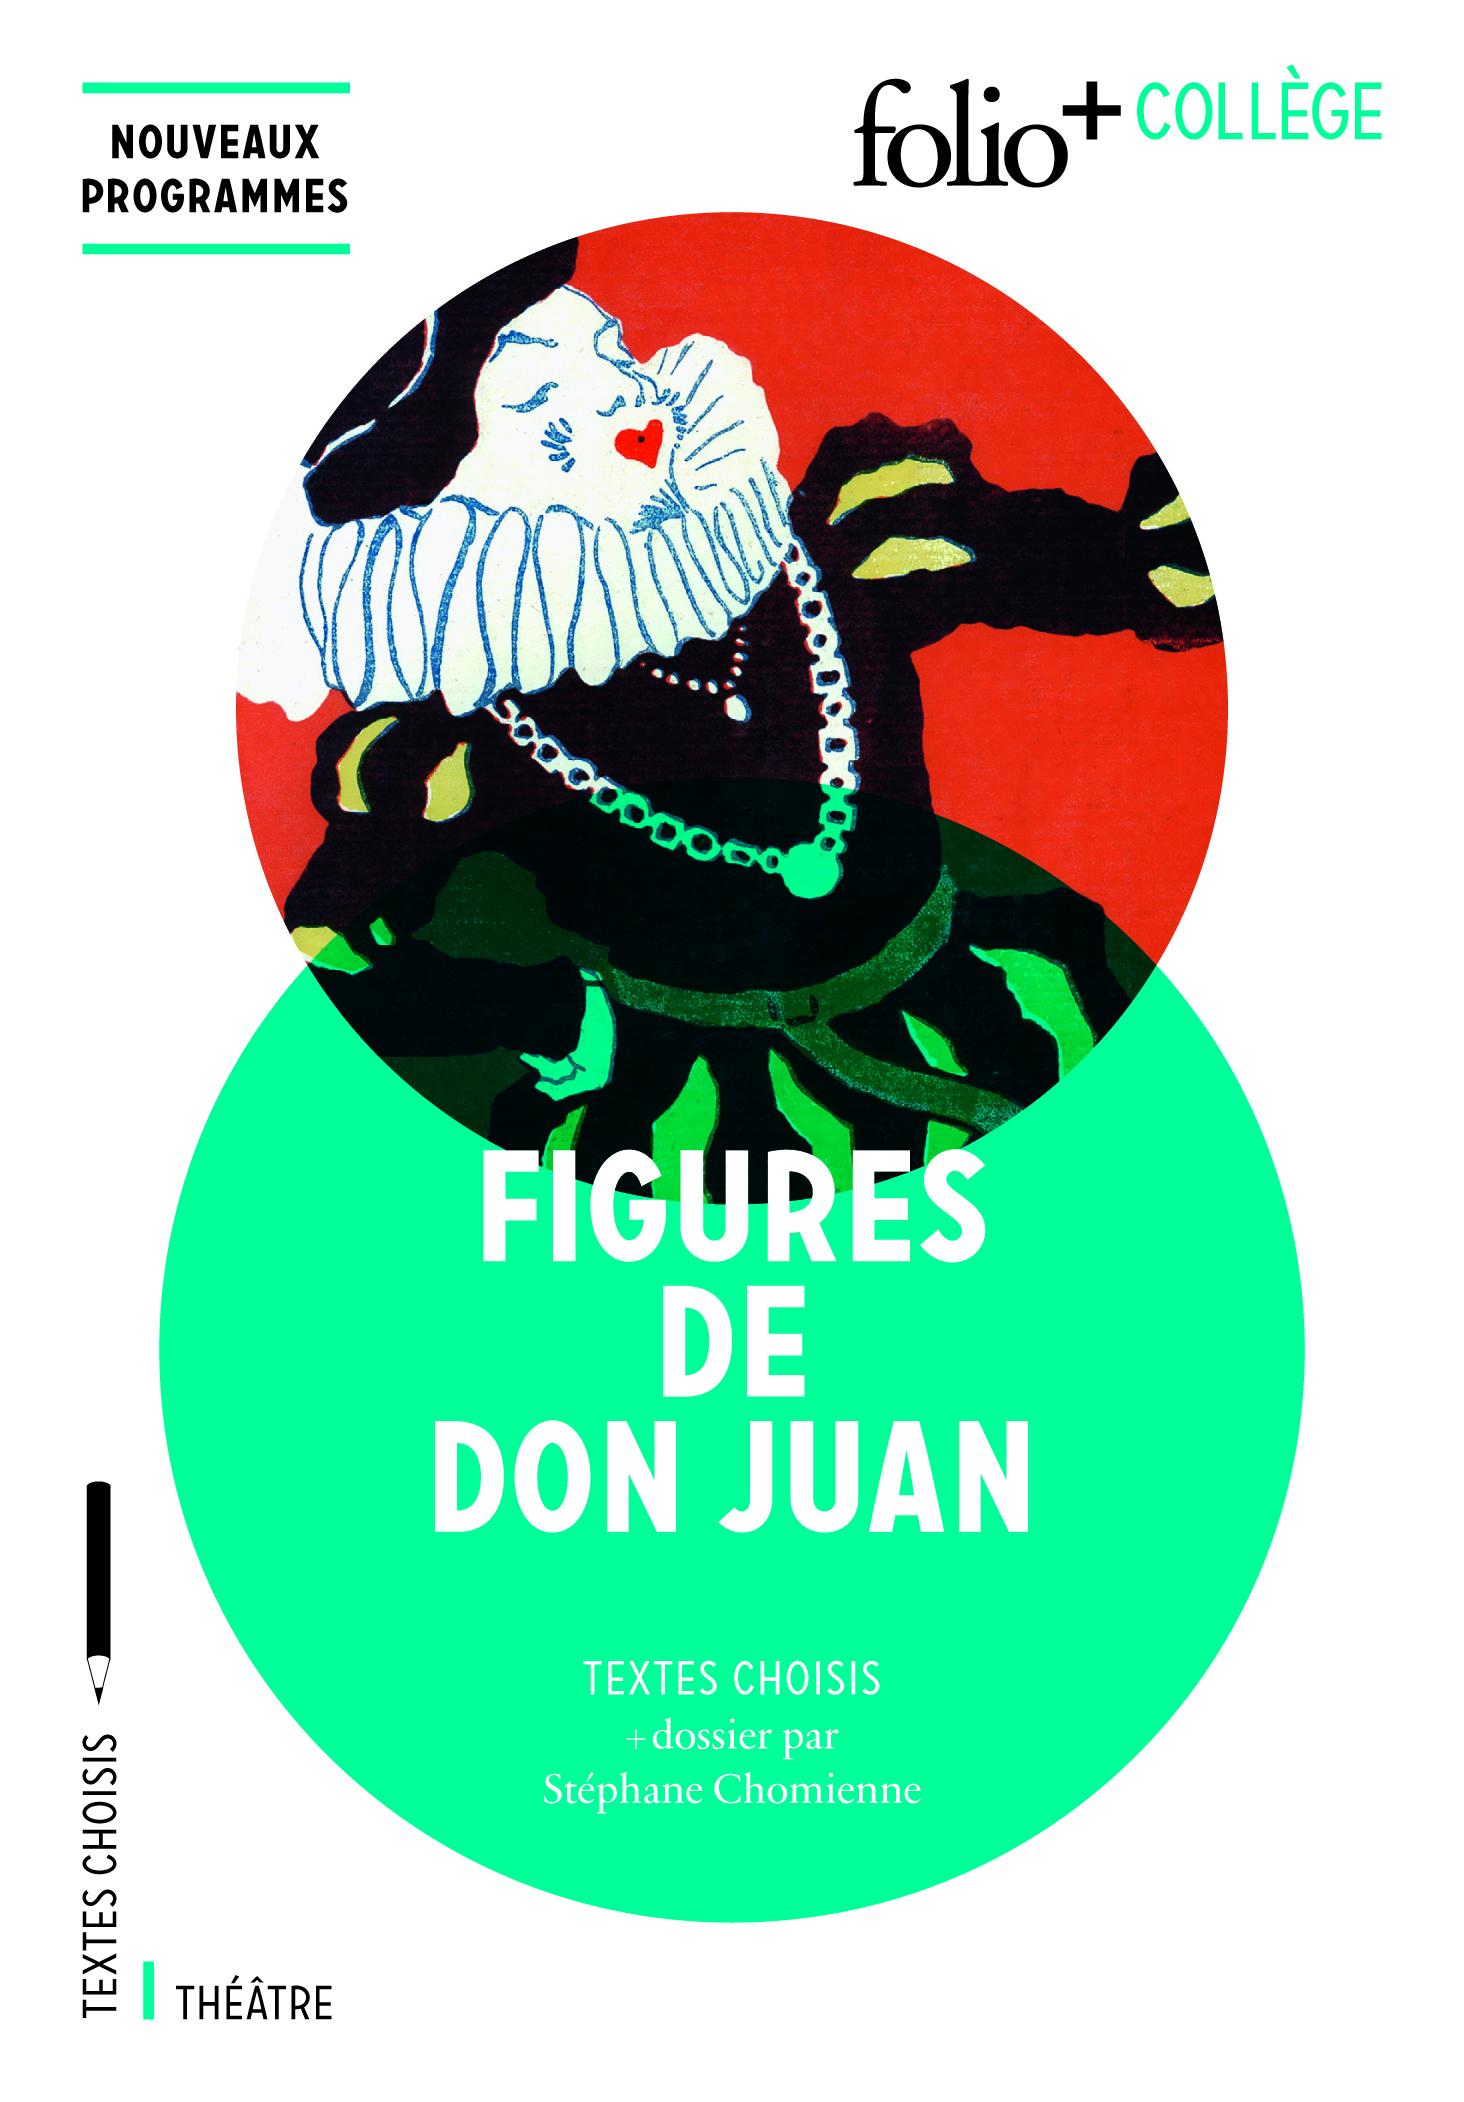 FIGURES DE DON JUAN